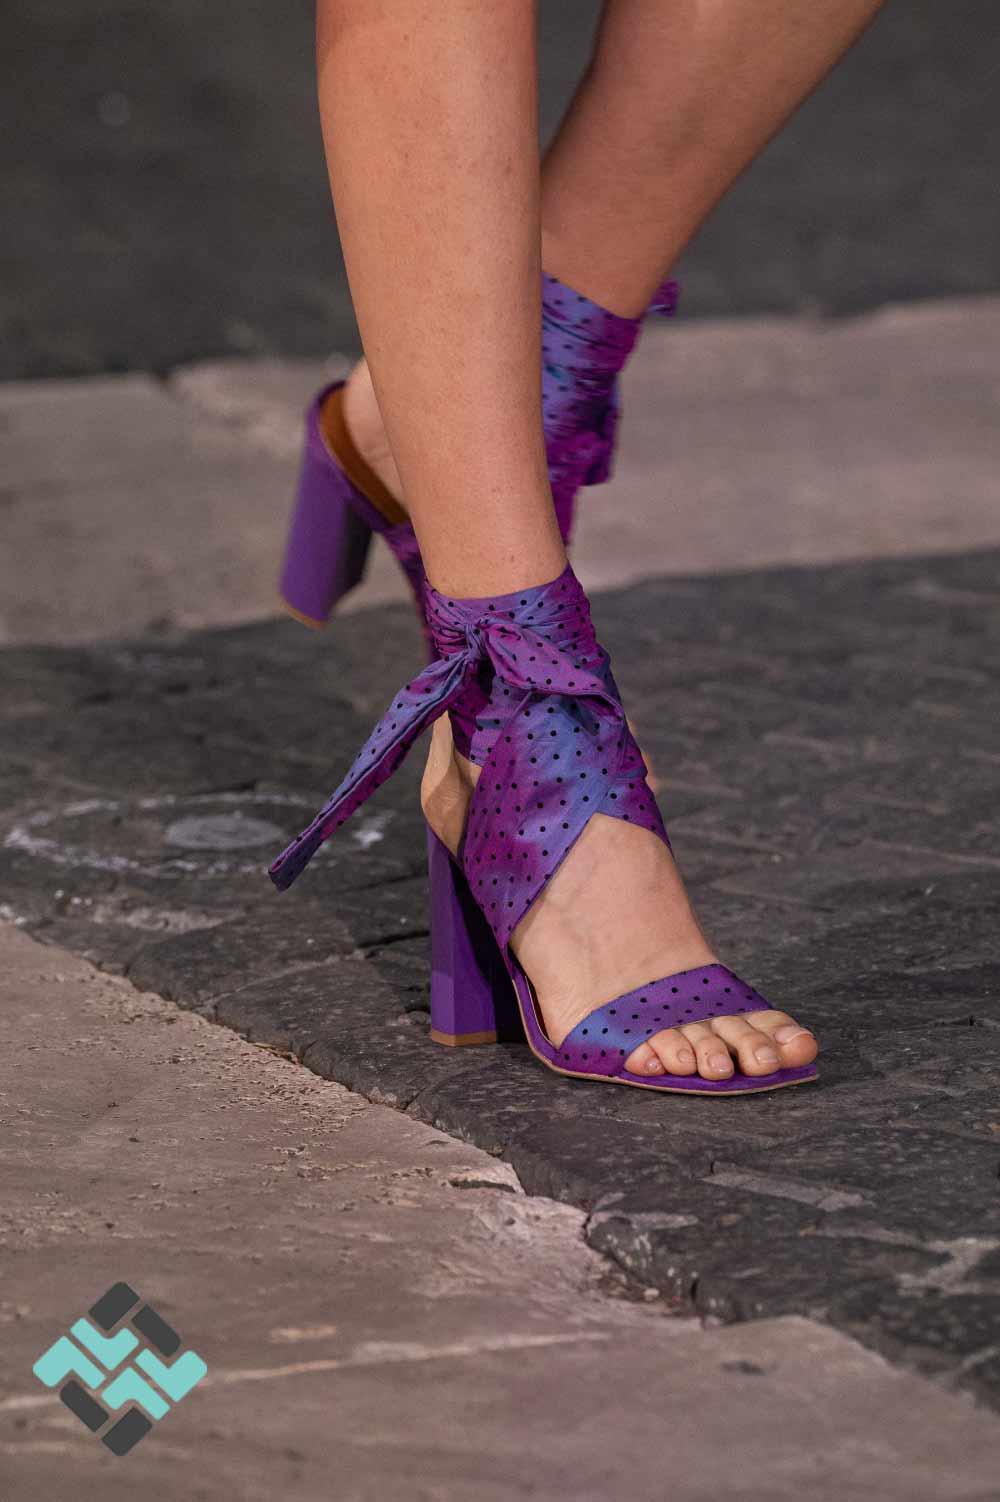 کفش با رویه پارچه